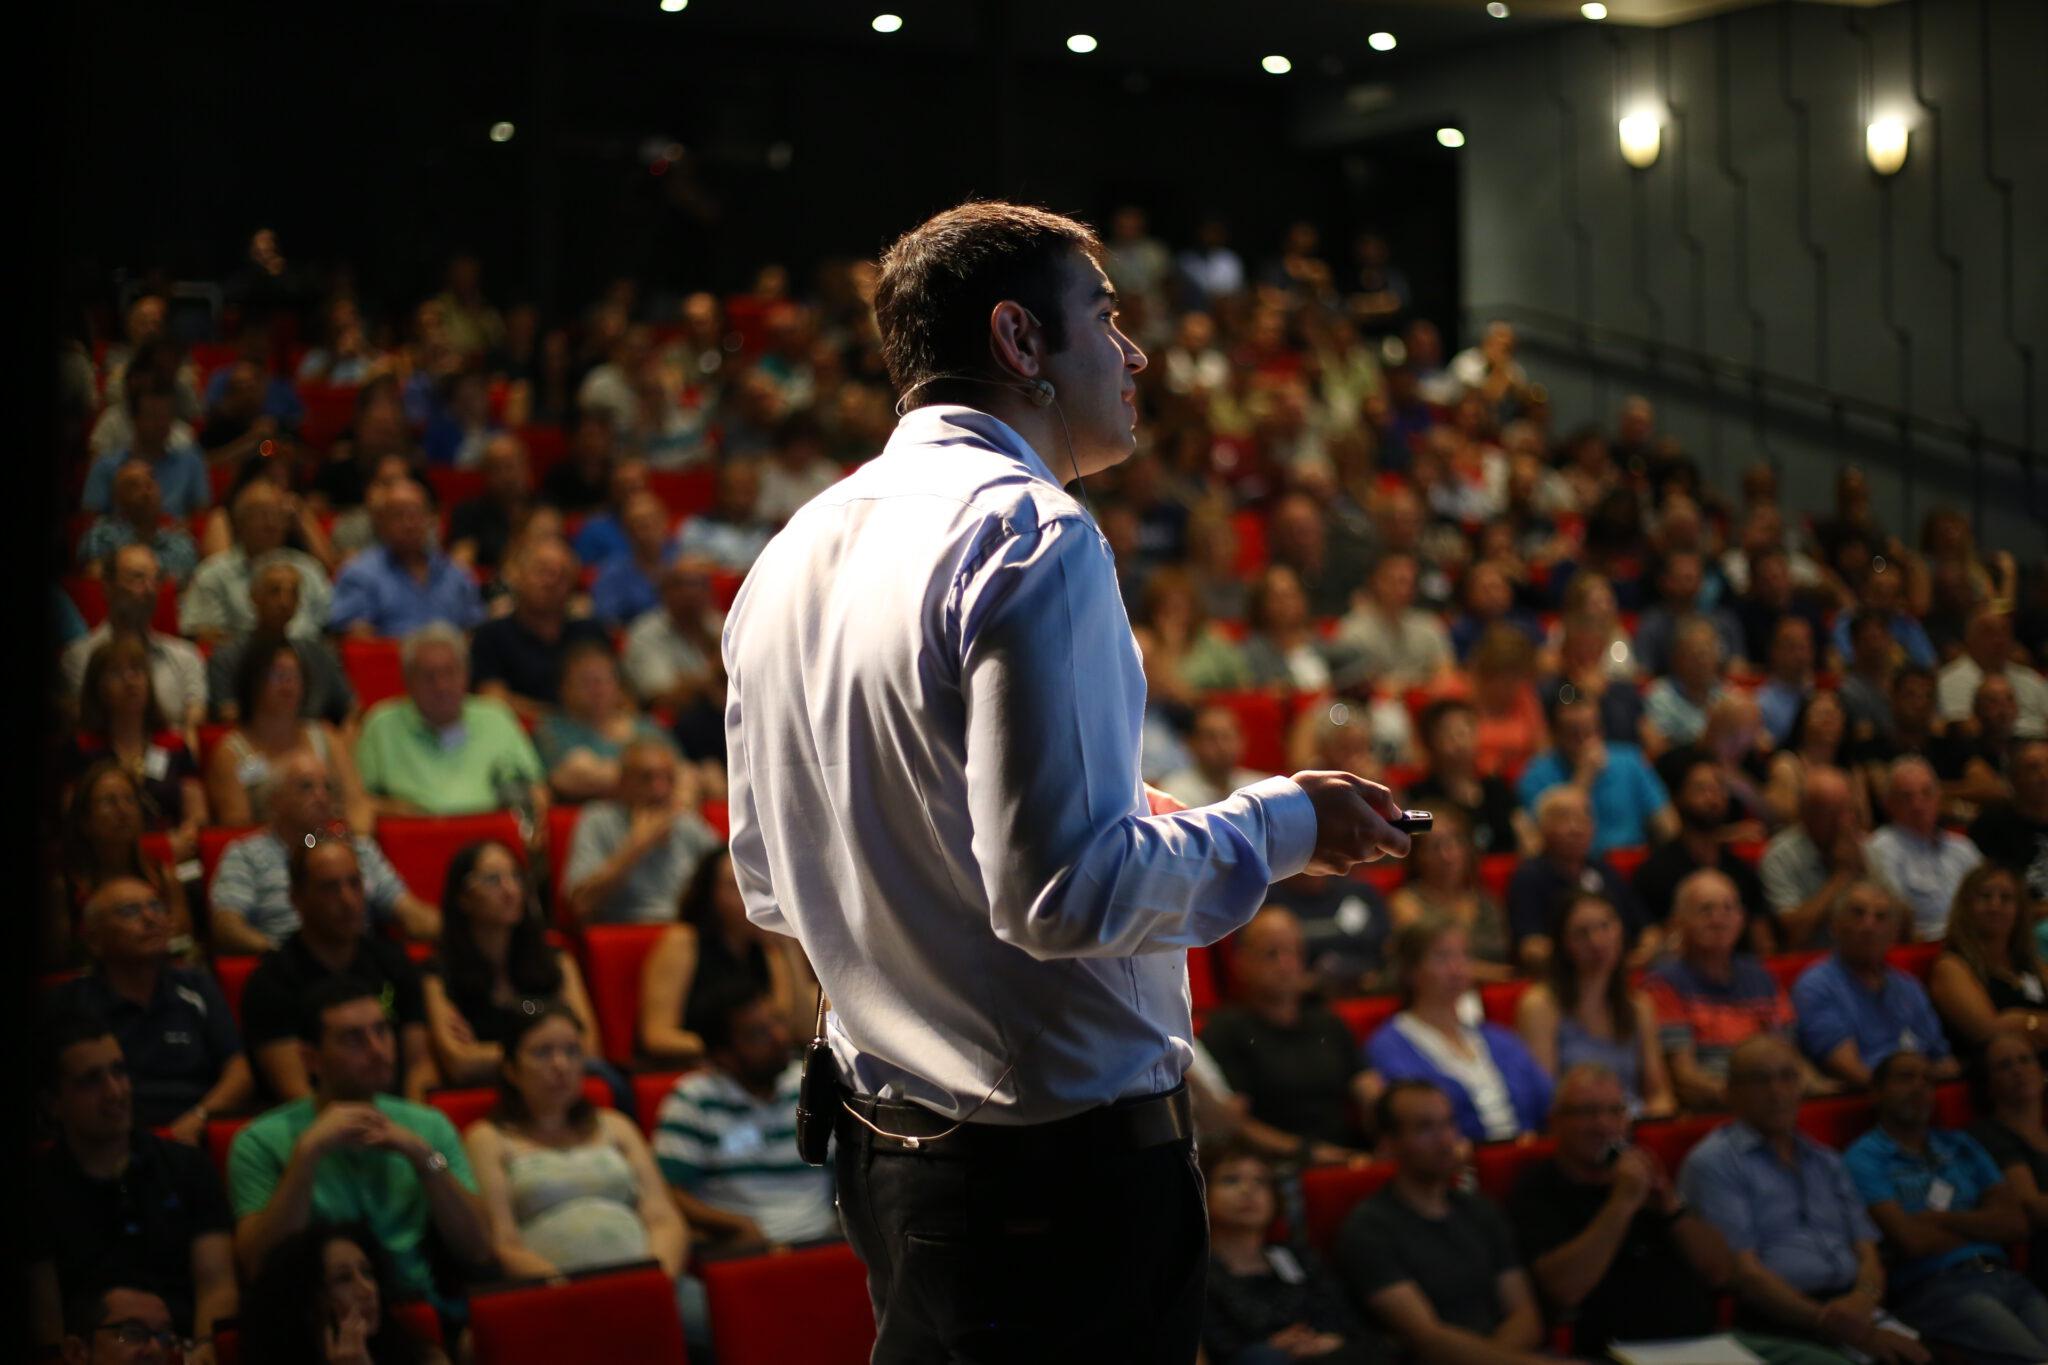 עומר רבינוביץ׳ מנכ״ל אינווסטור 360 נואם מול קהל